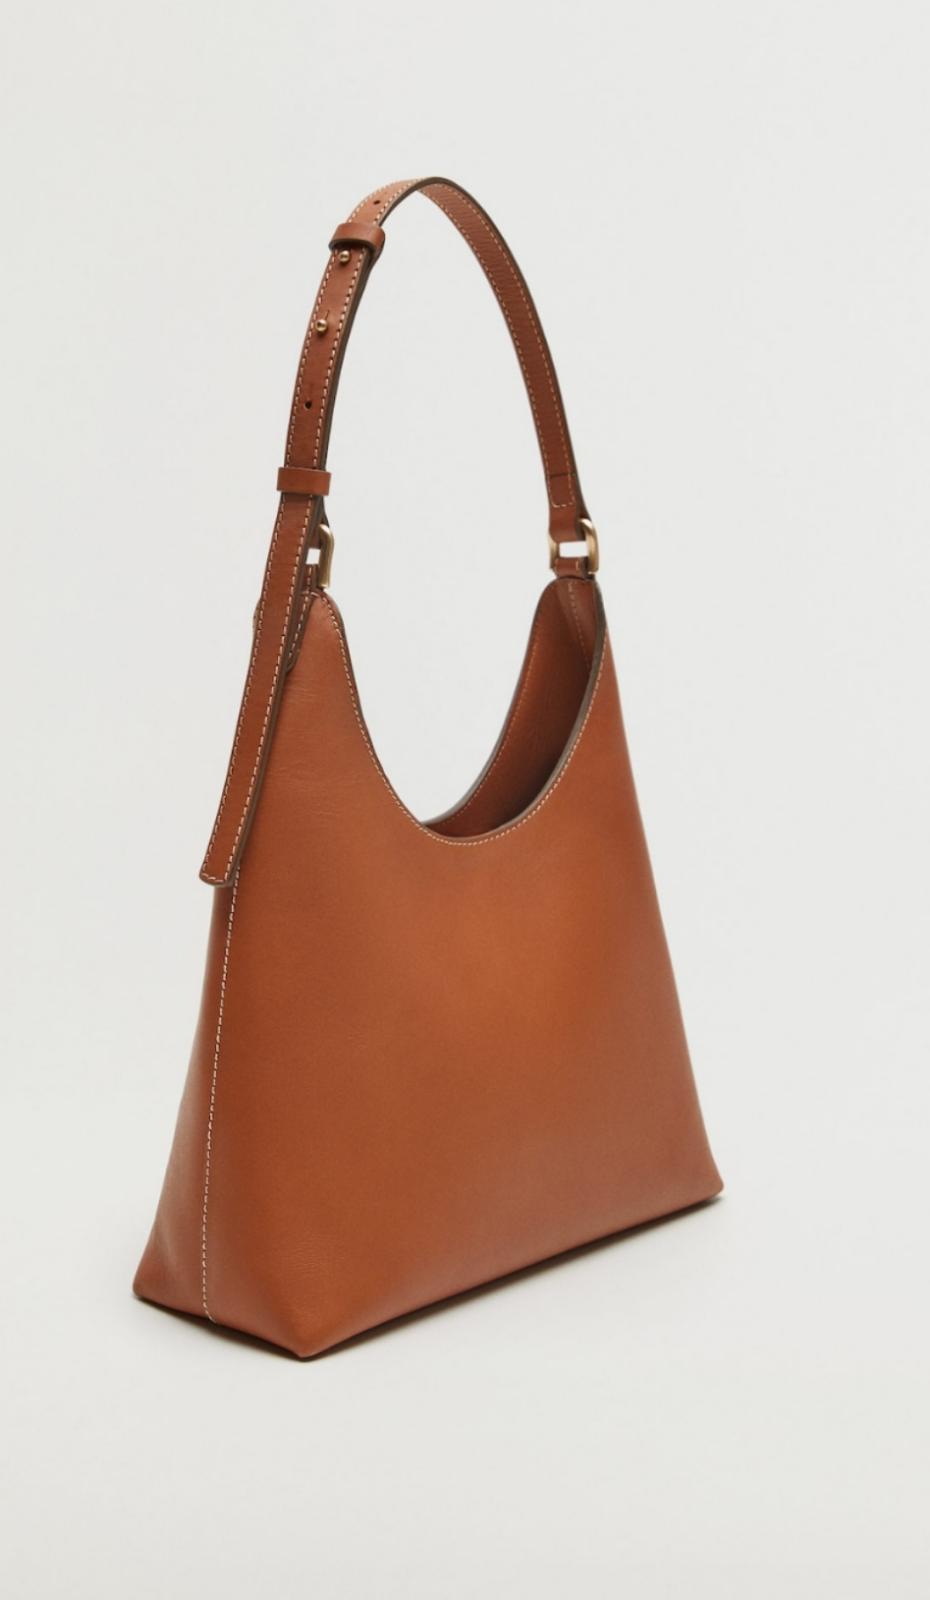 Bolso de piel M de color marrón, de Mango (89'99€)